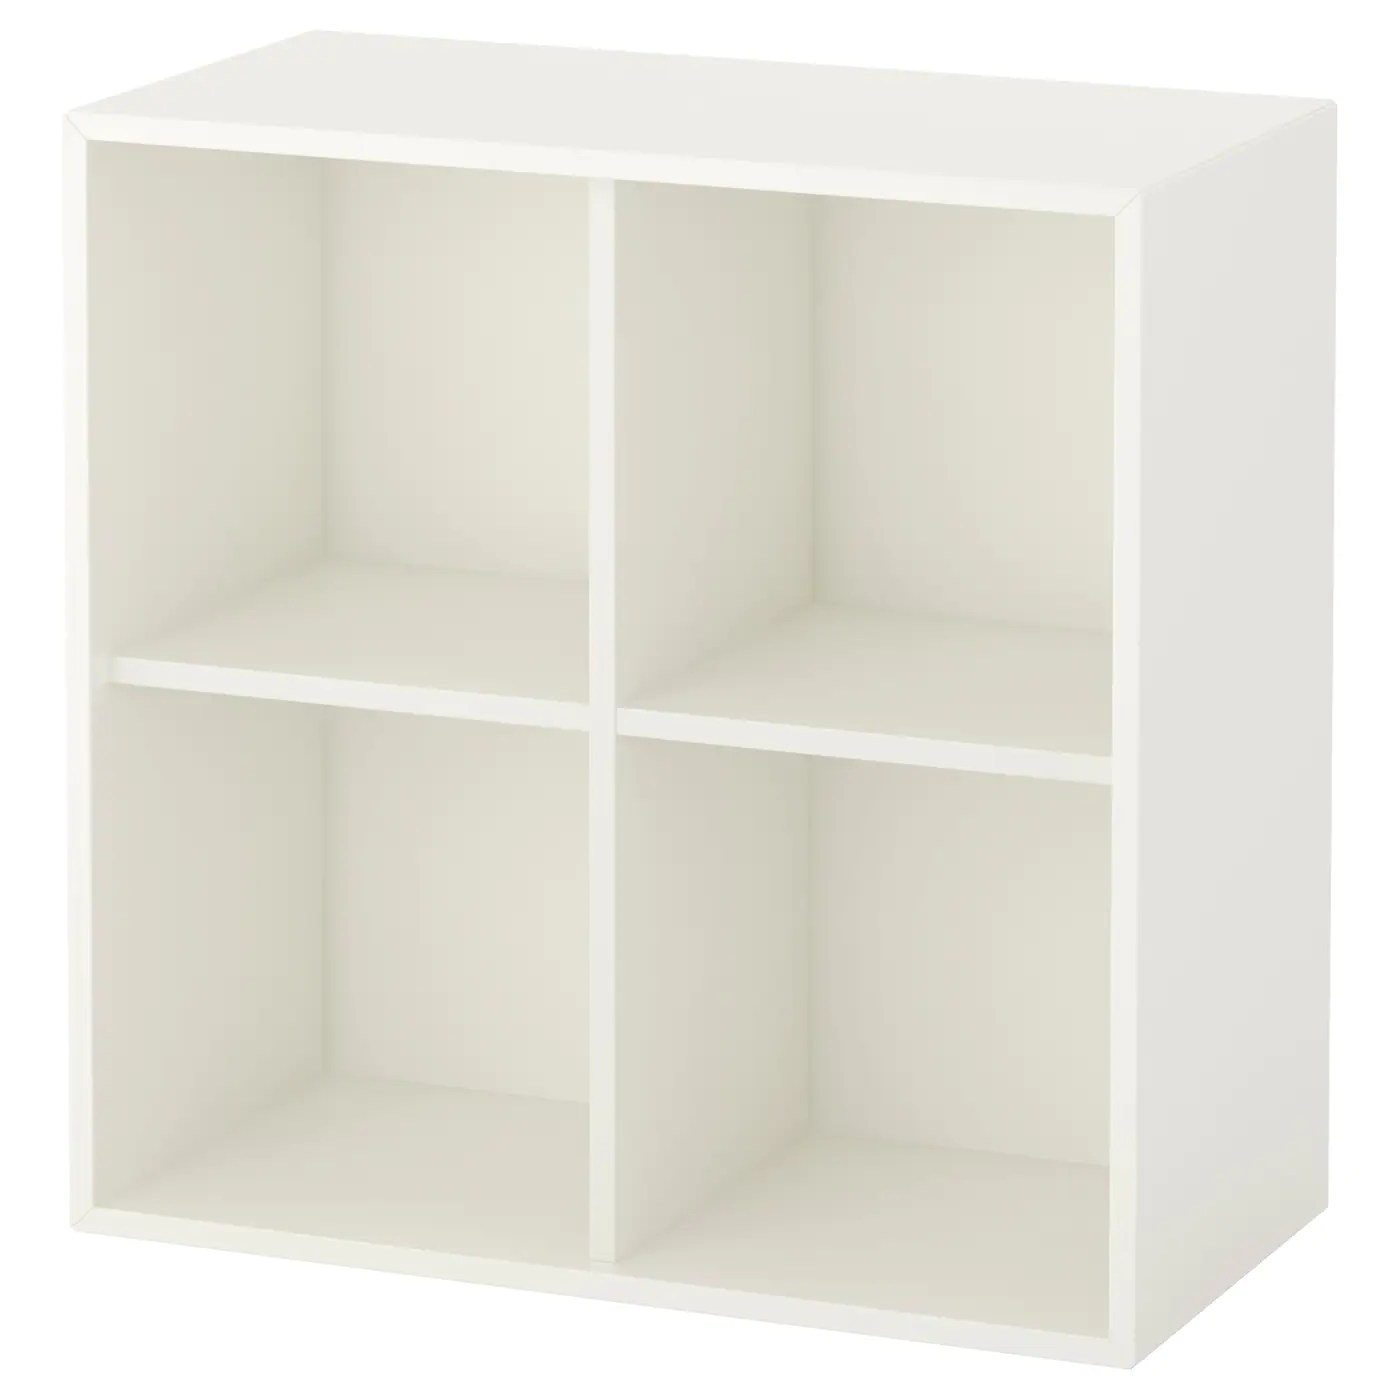 Eket Rangement 4 Compartiments Blanc Magasinez Chez Ikea Ikea